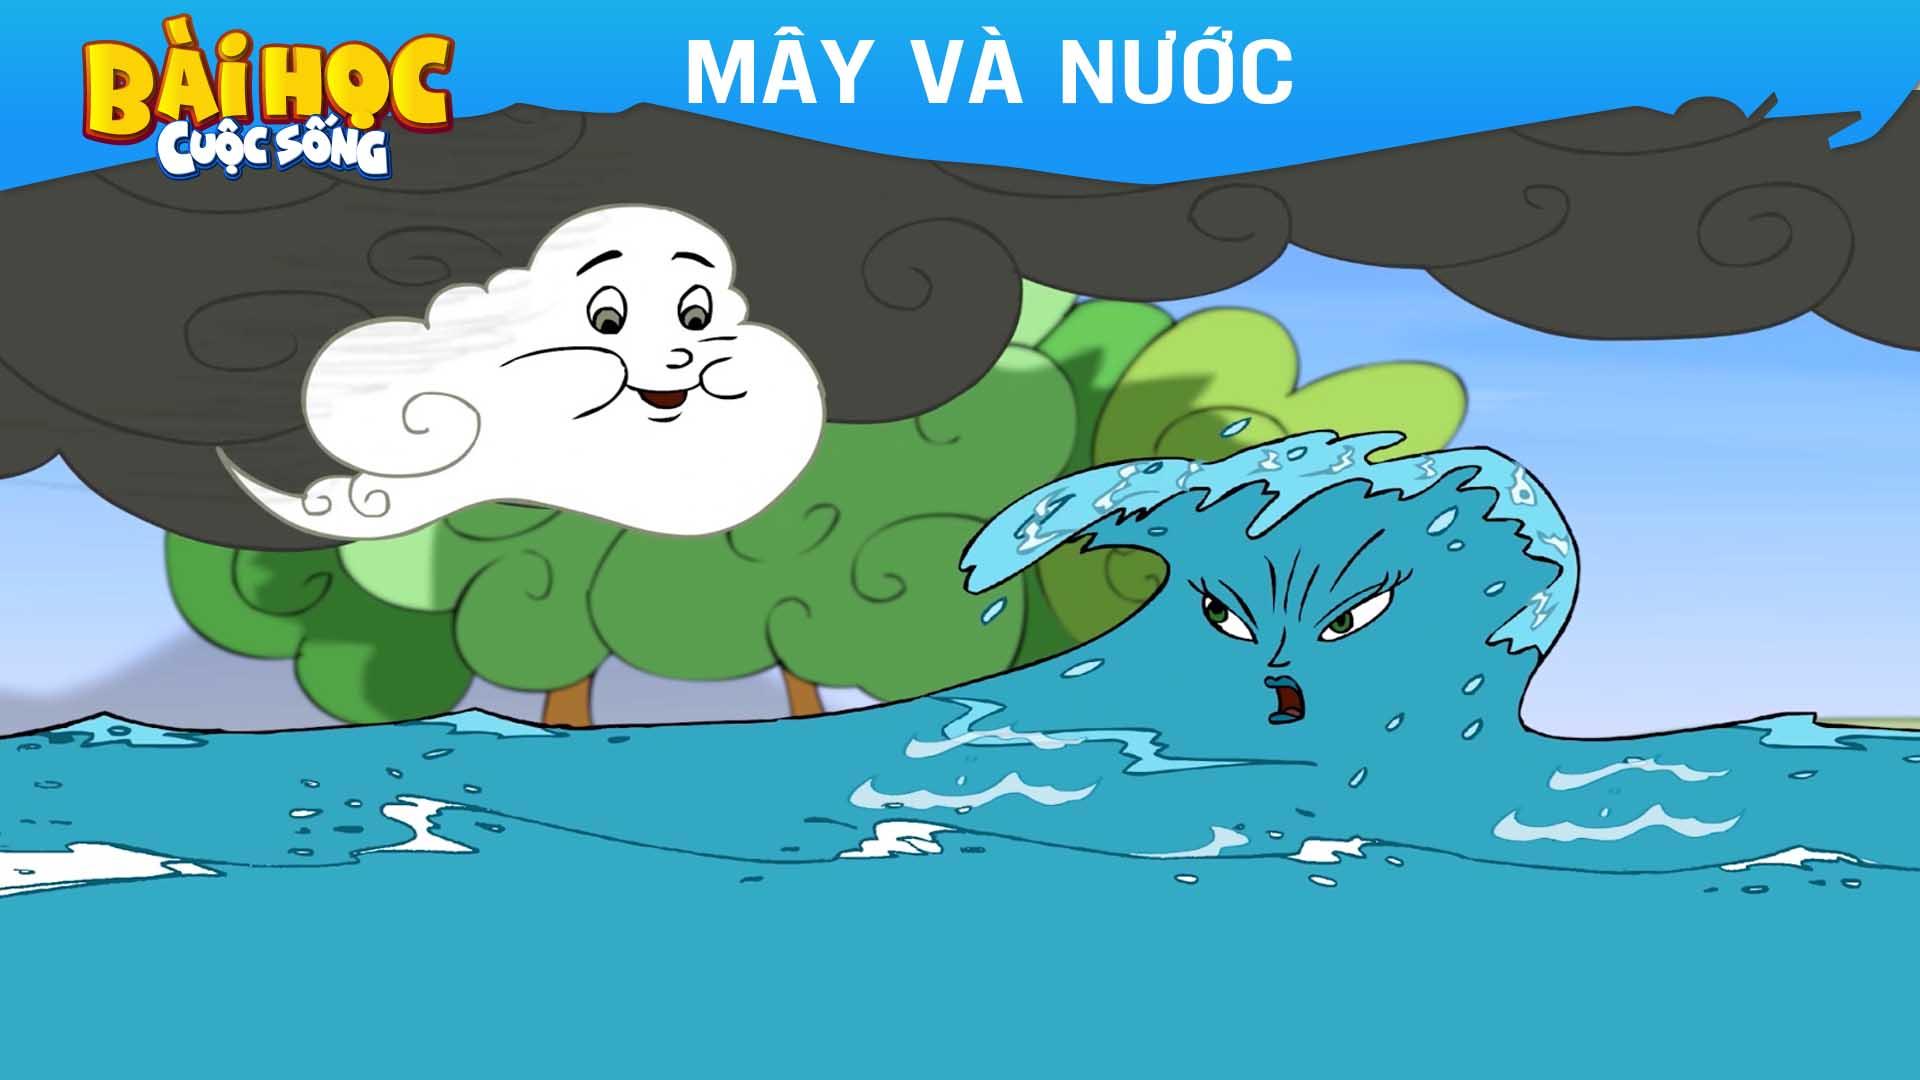 Mây và nước - Phim hoạt hình Khoảnh khắc kỳ diệu